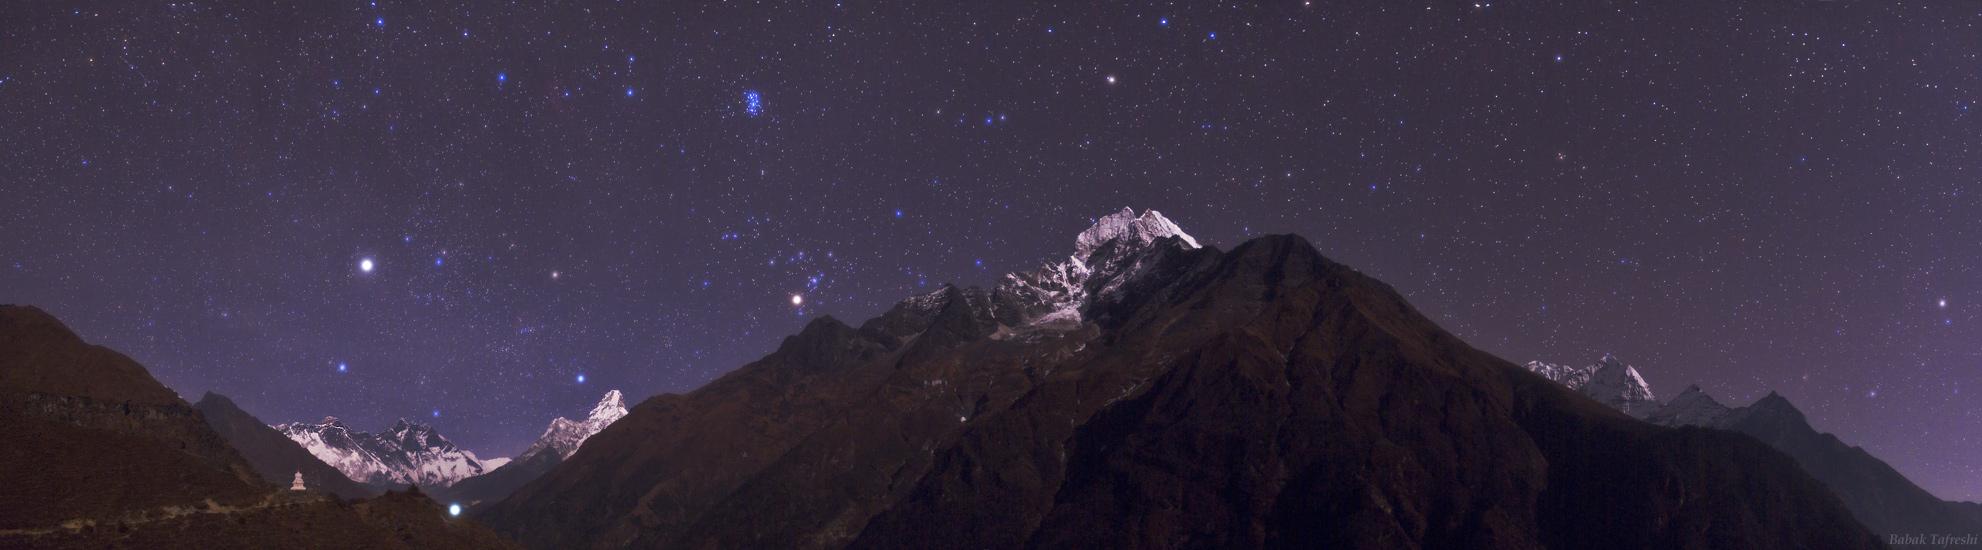 Retrato estelar en el Himalaya